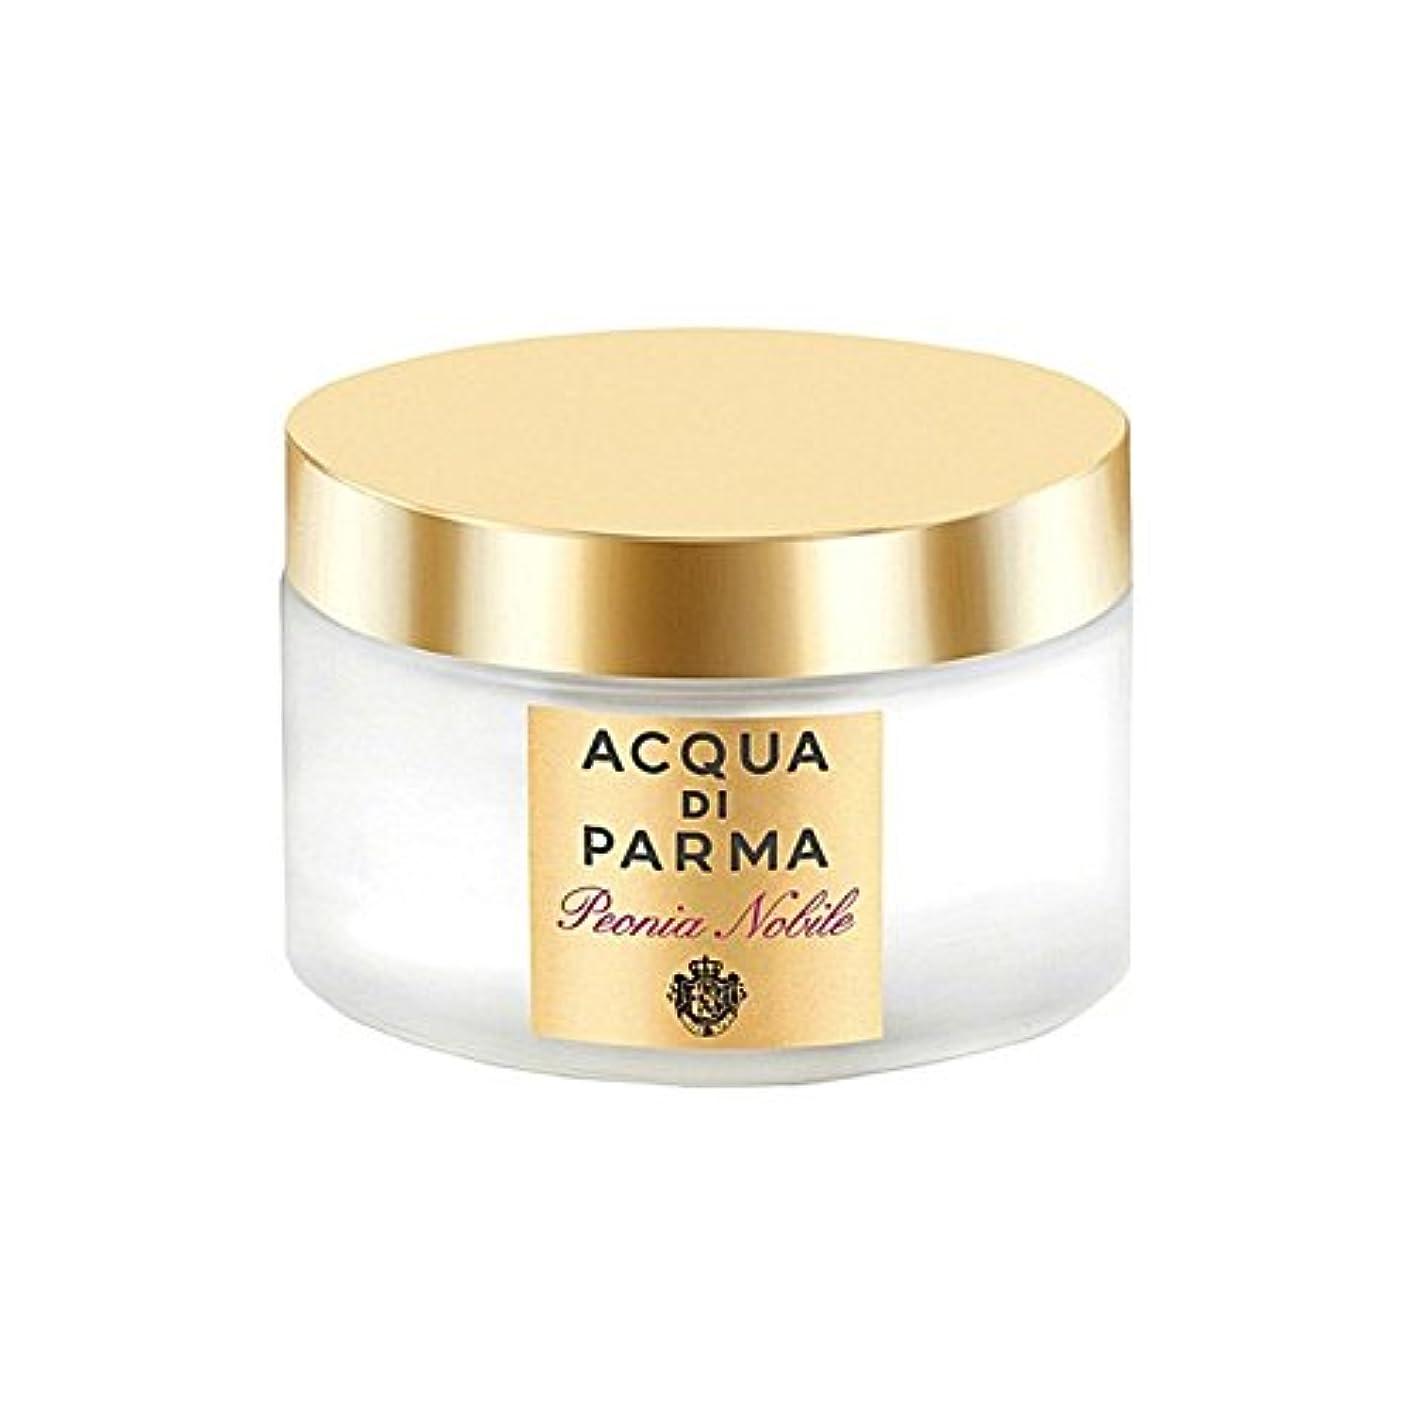 パターン百科事典狂乱アクアディパルマノビレボディクリーム150ミリリットル x2 - Acqua Di Parma Peonia Nobile Body Cream 150ml (Pack of 2) [並行輸入品]